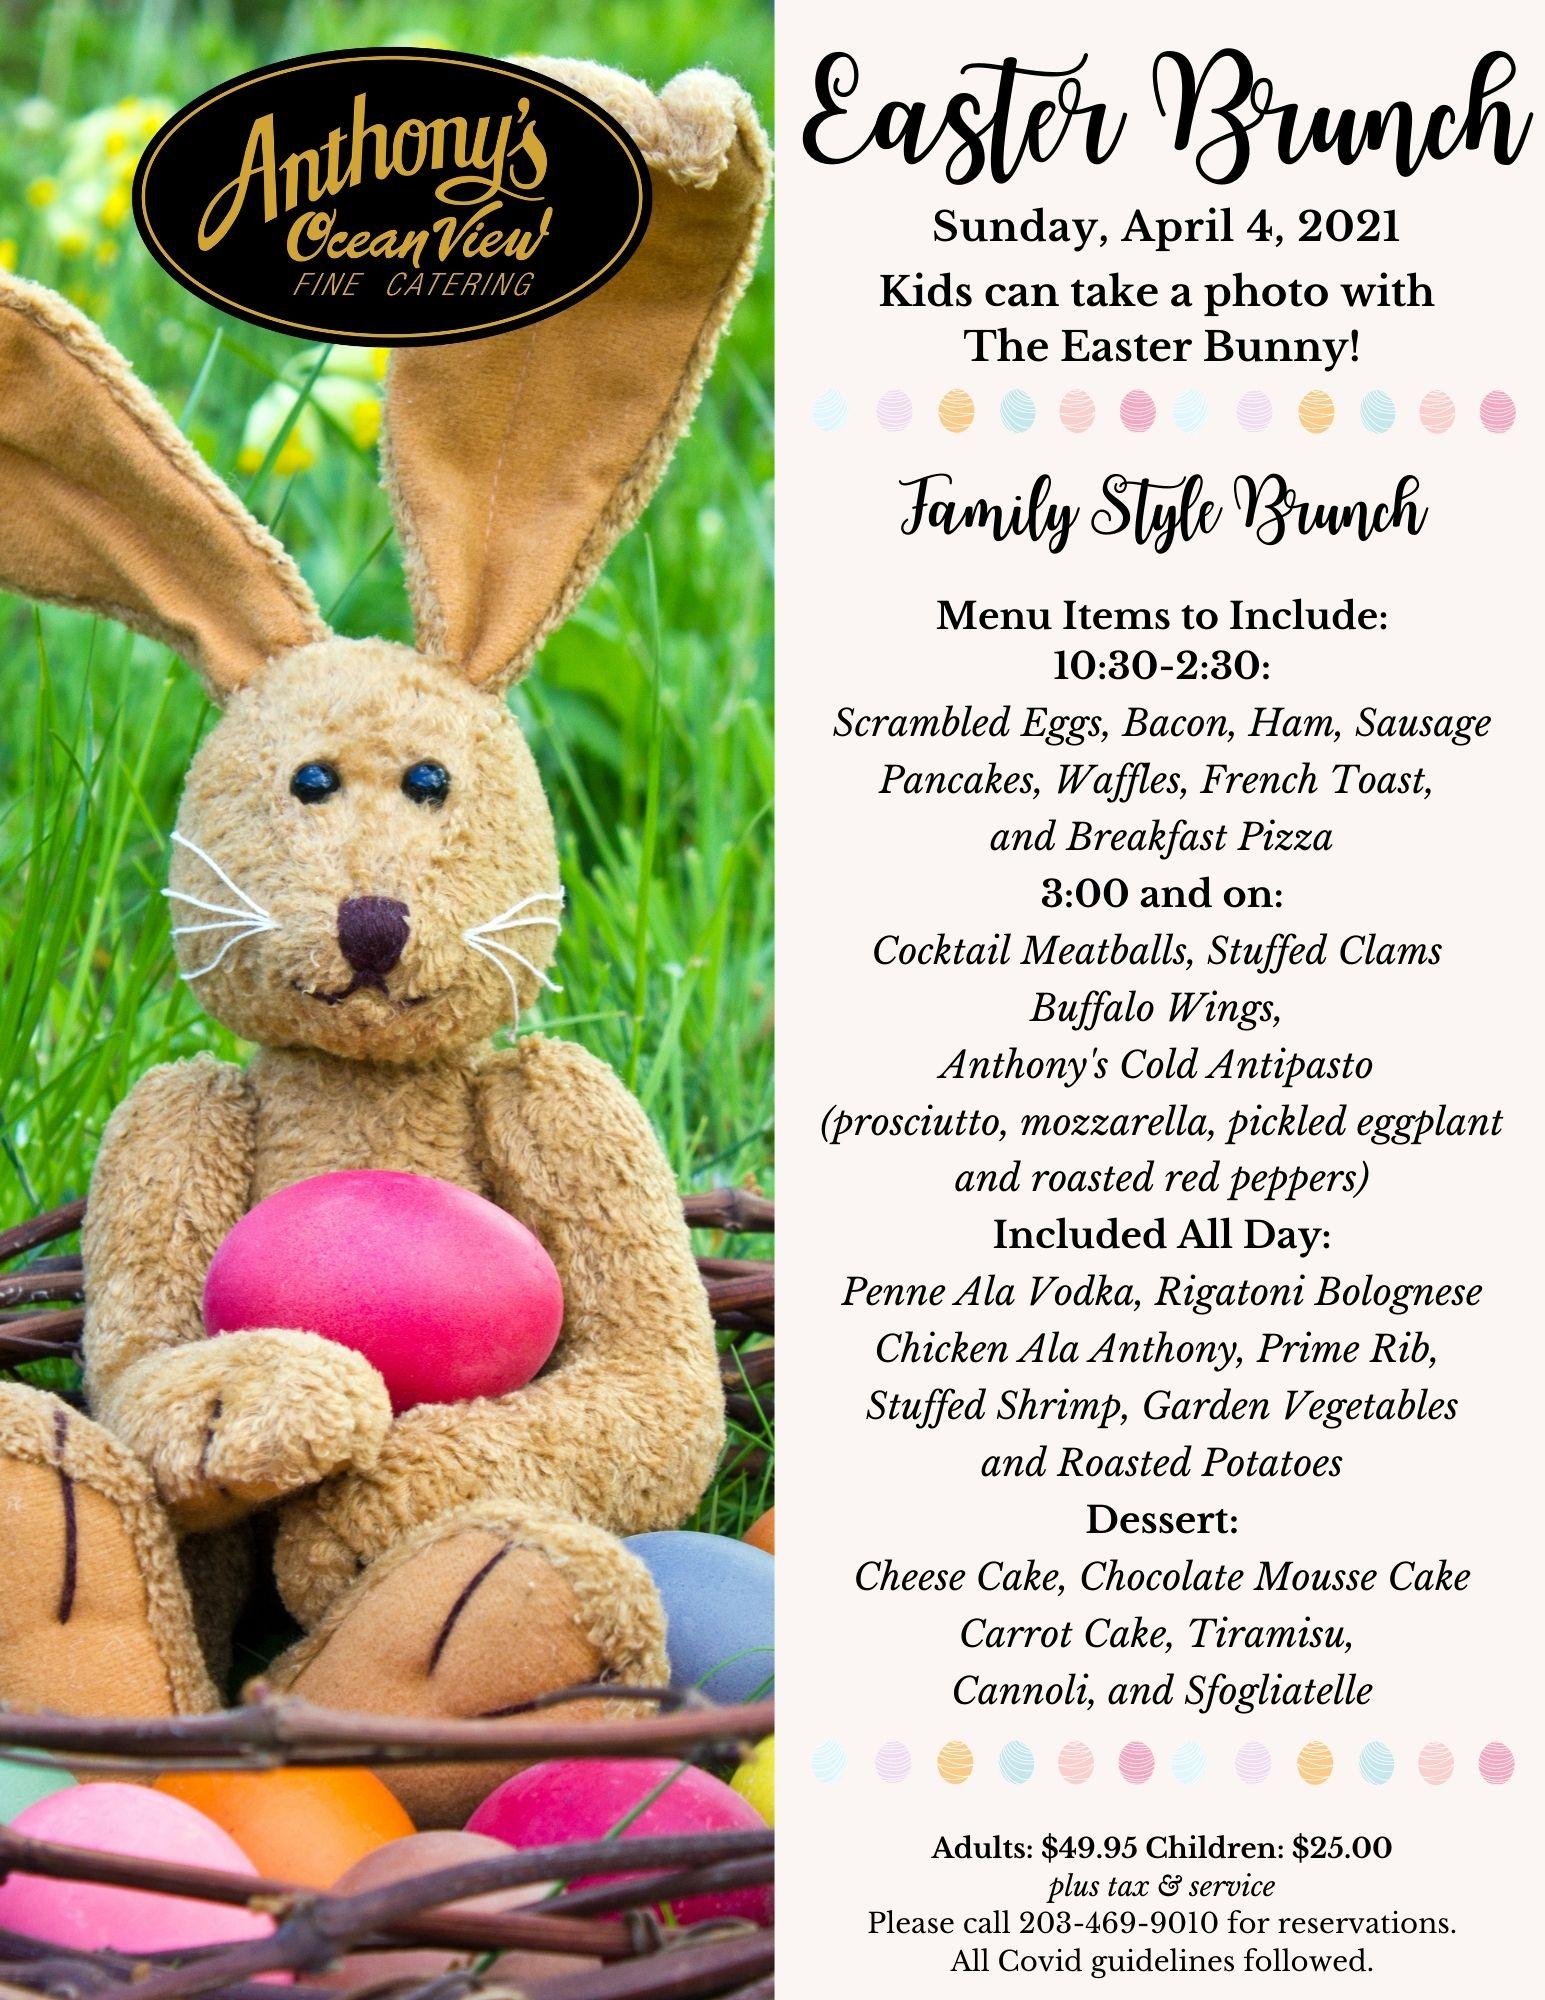 Easter Brunch, Easter Menu, Easter Dining, Easter Events